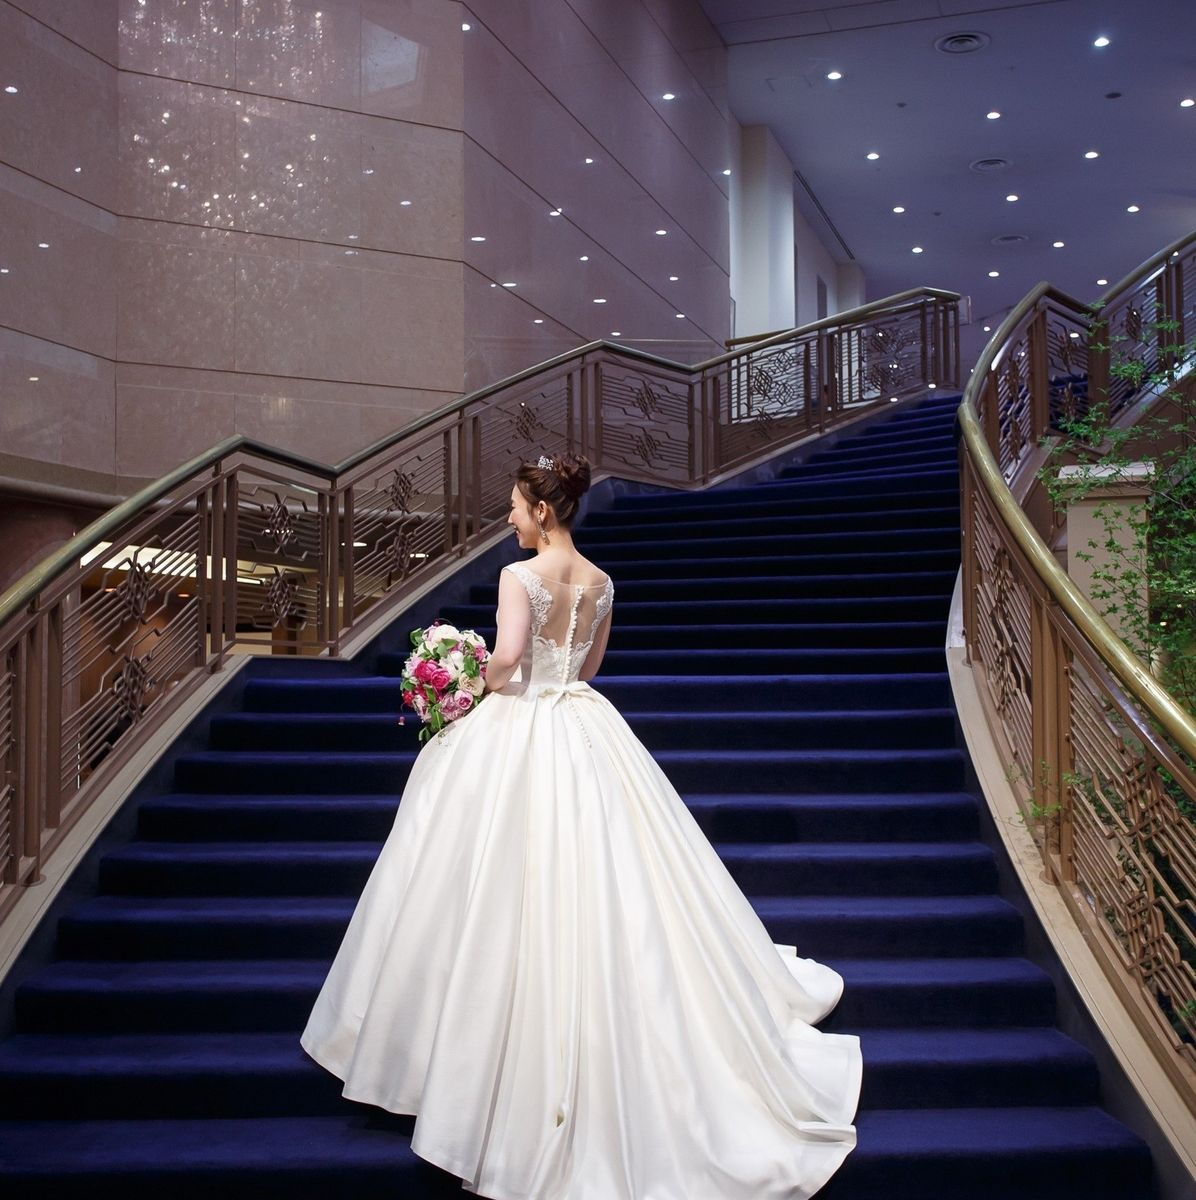 yuri_wedding417さんの明治神宮・明治記念館写真1枚目